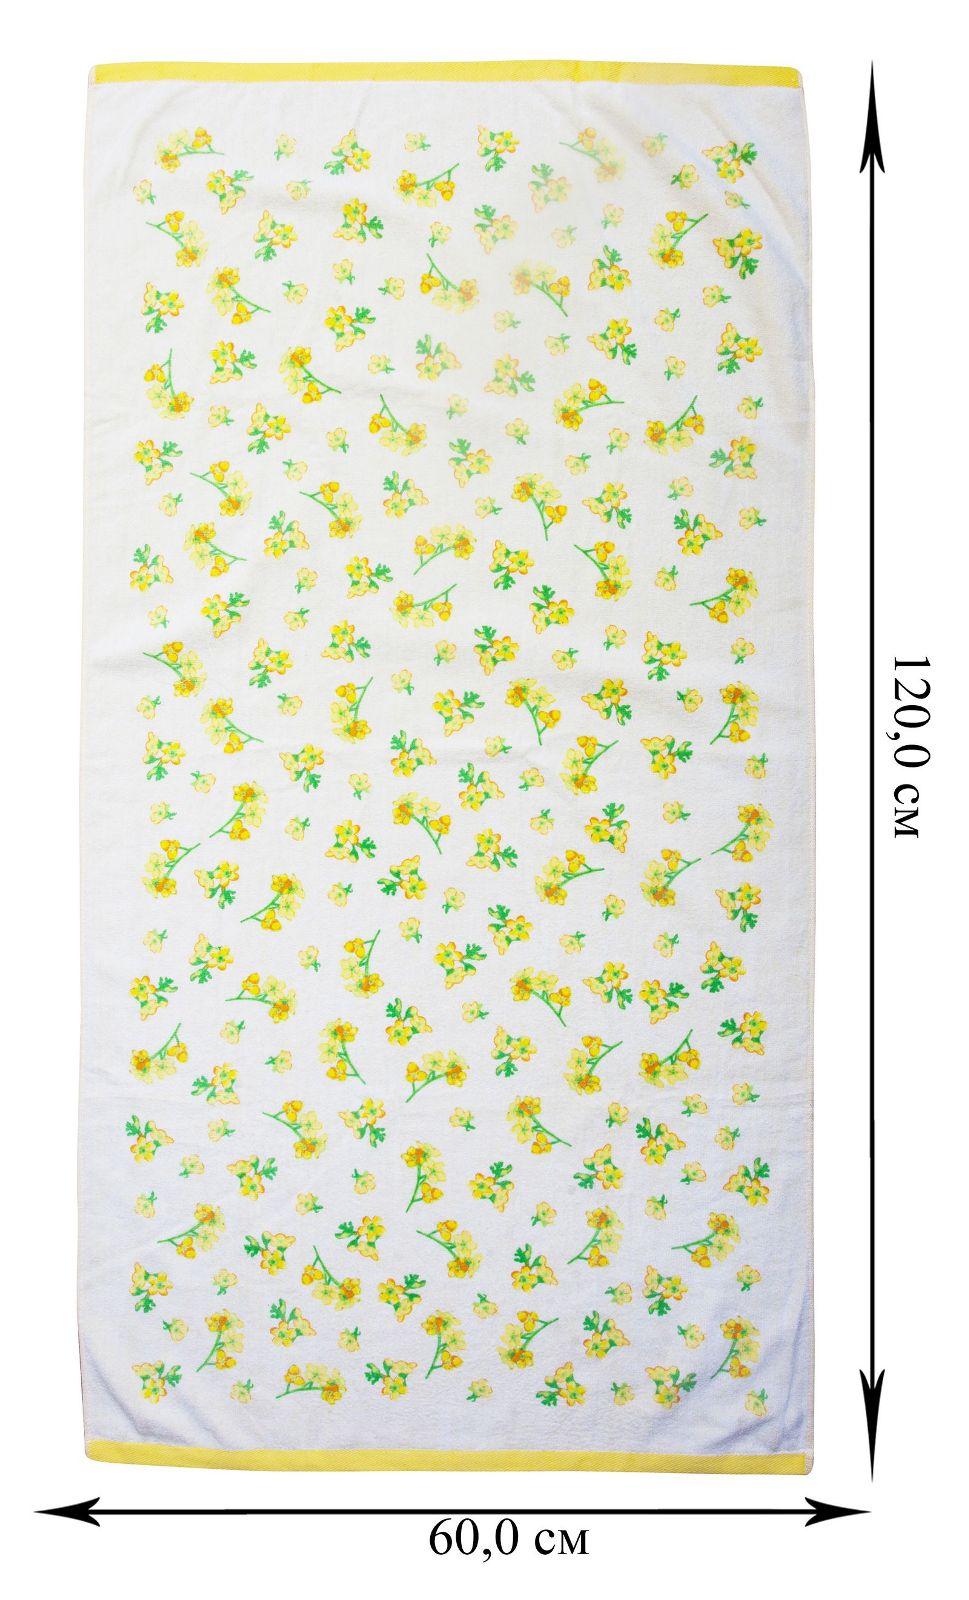 Полотенце для бани - заказать с доставкой